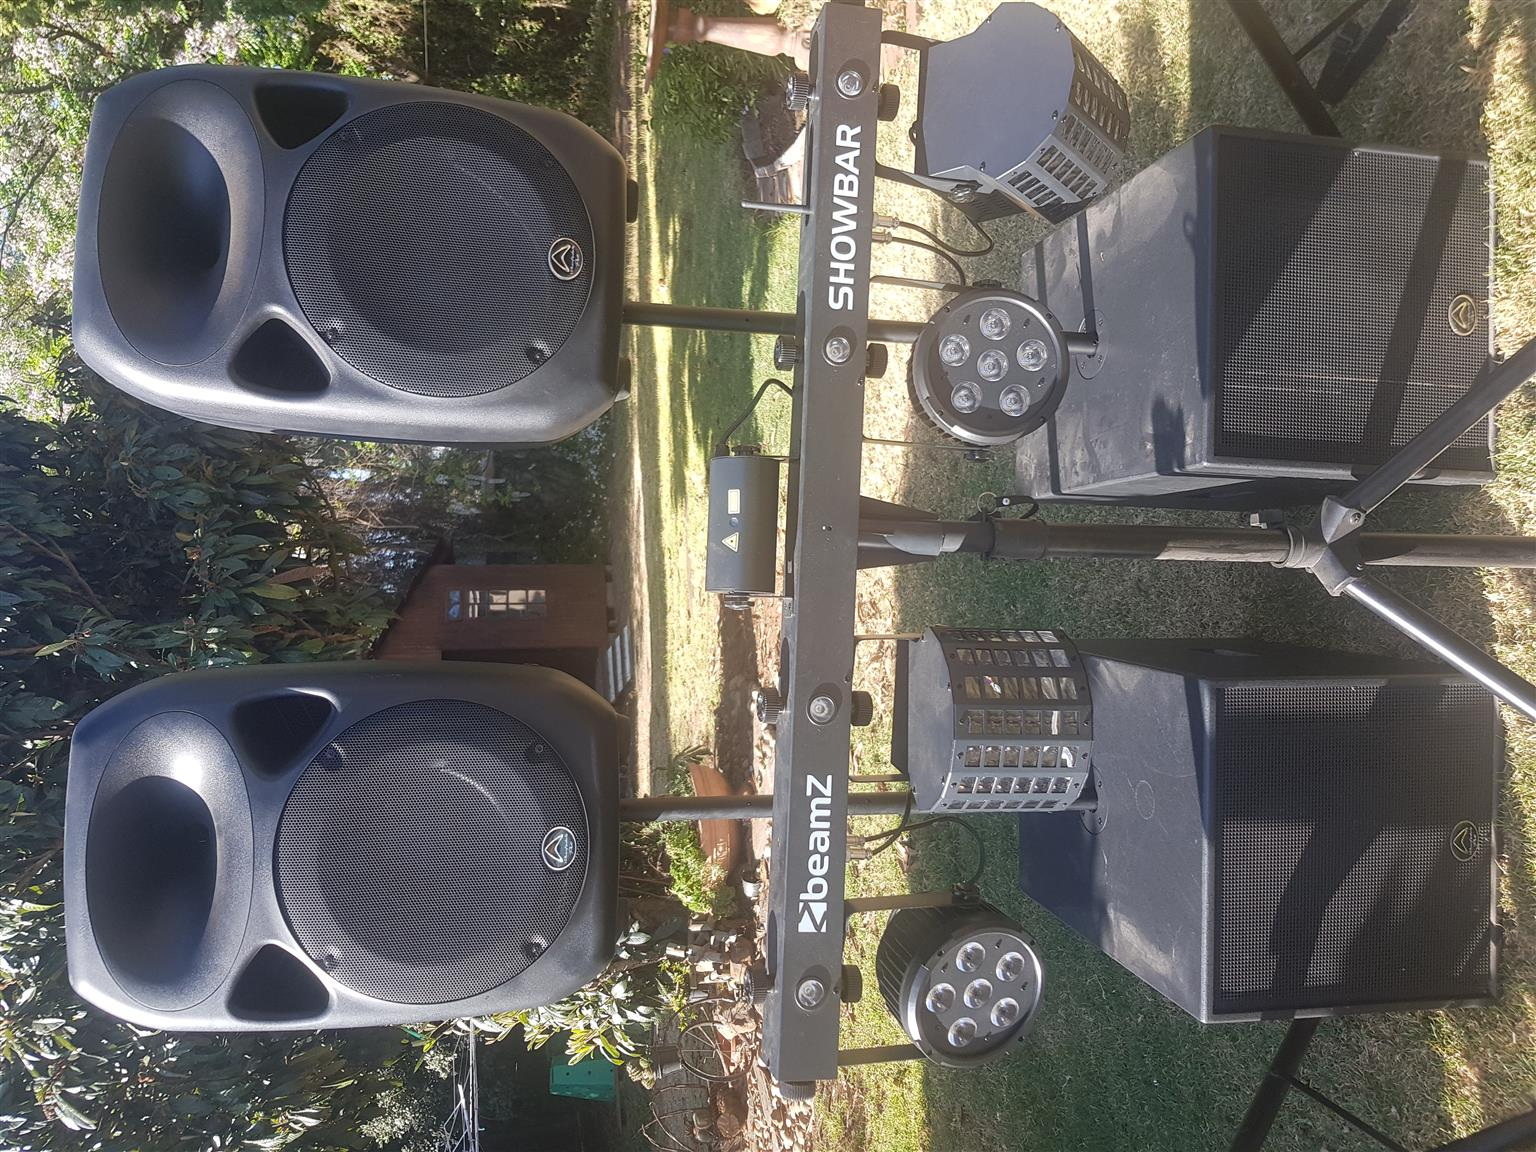 Wharfedale PA system Dj combo setup | Junk Mail